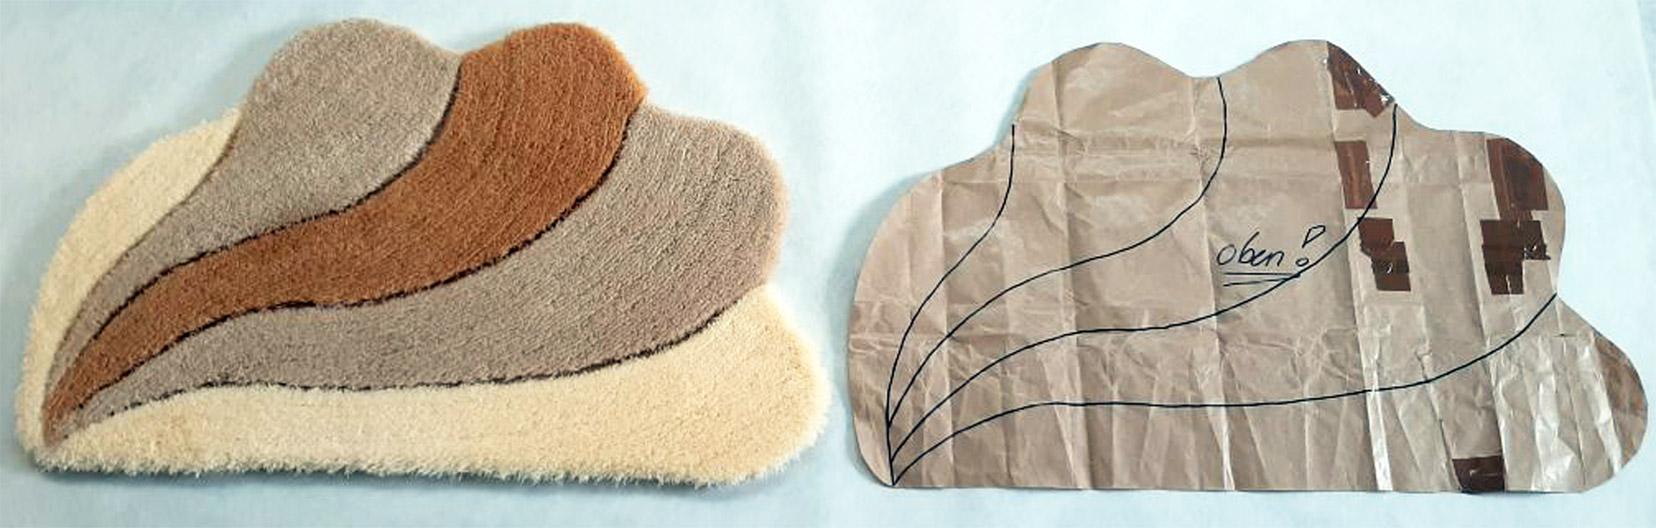 Badteppiche Schablonenanfertigung und individuelle Entwürfe